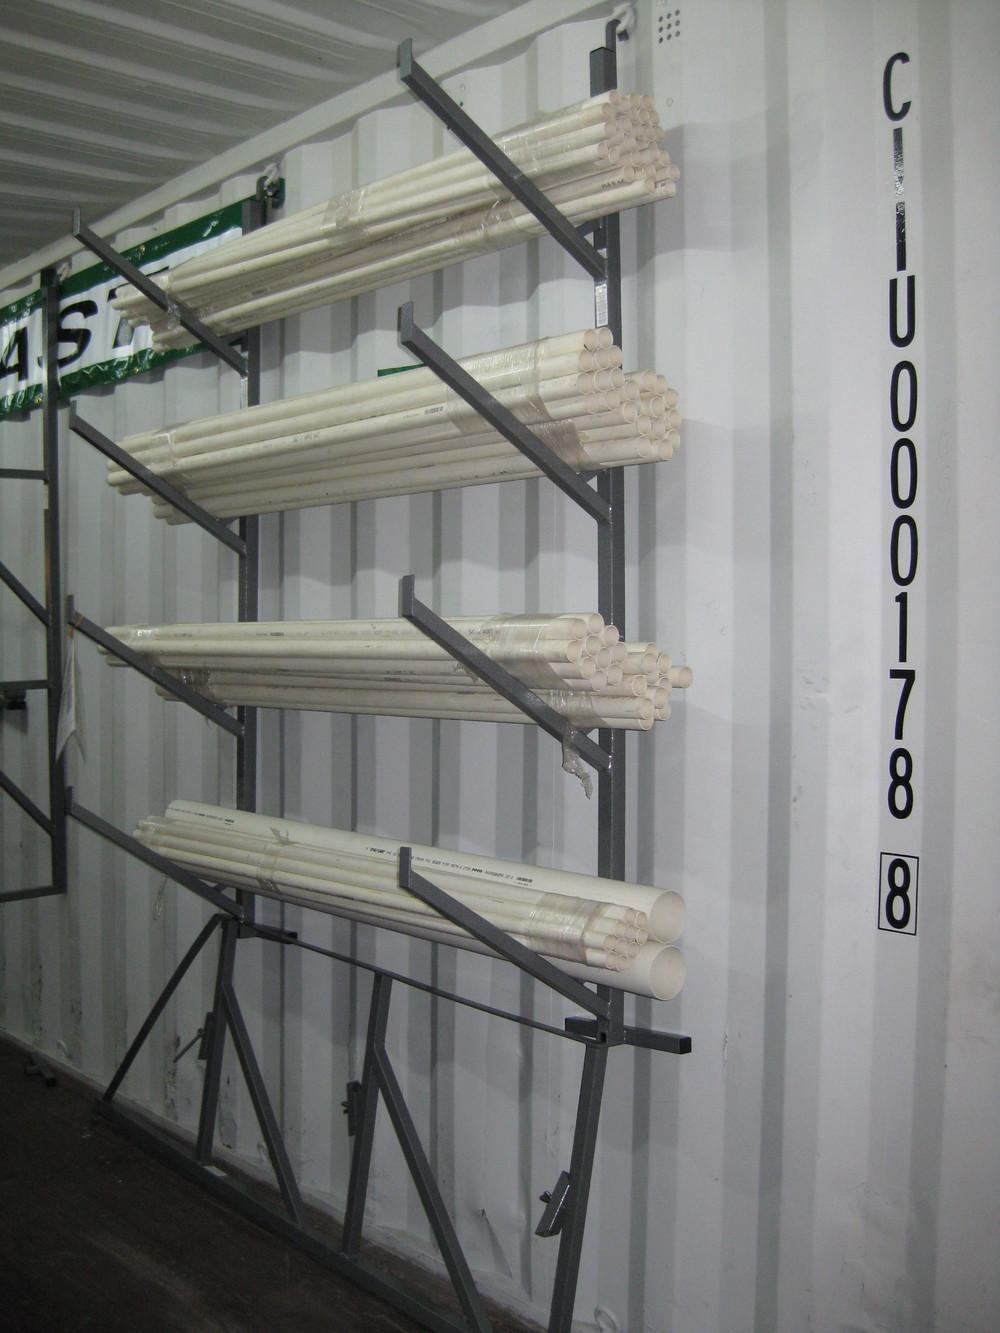 Pipe rack 1